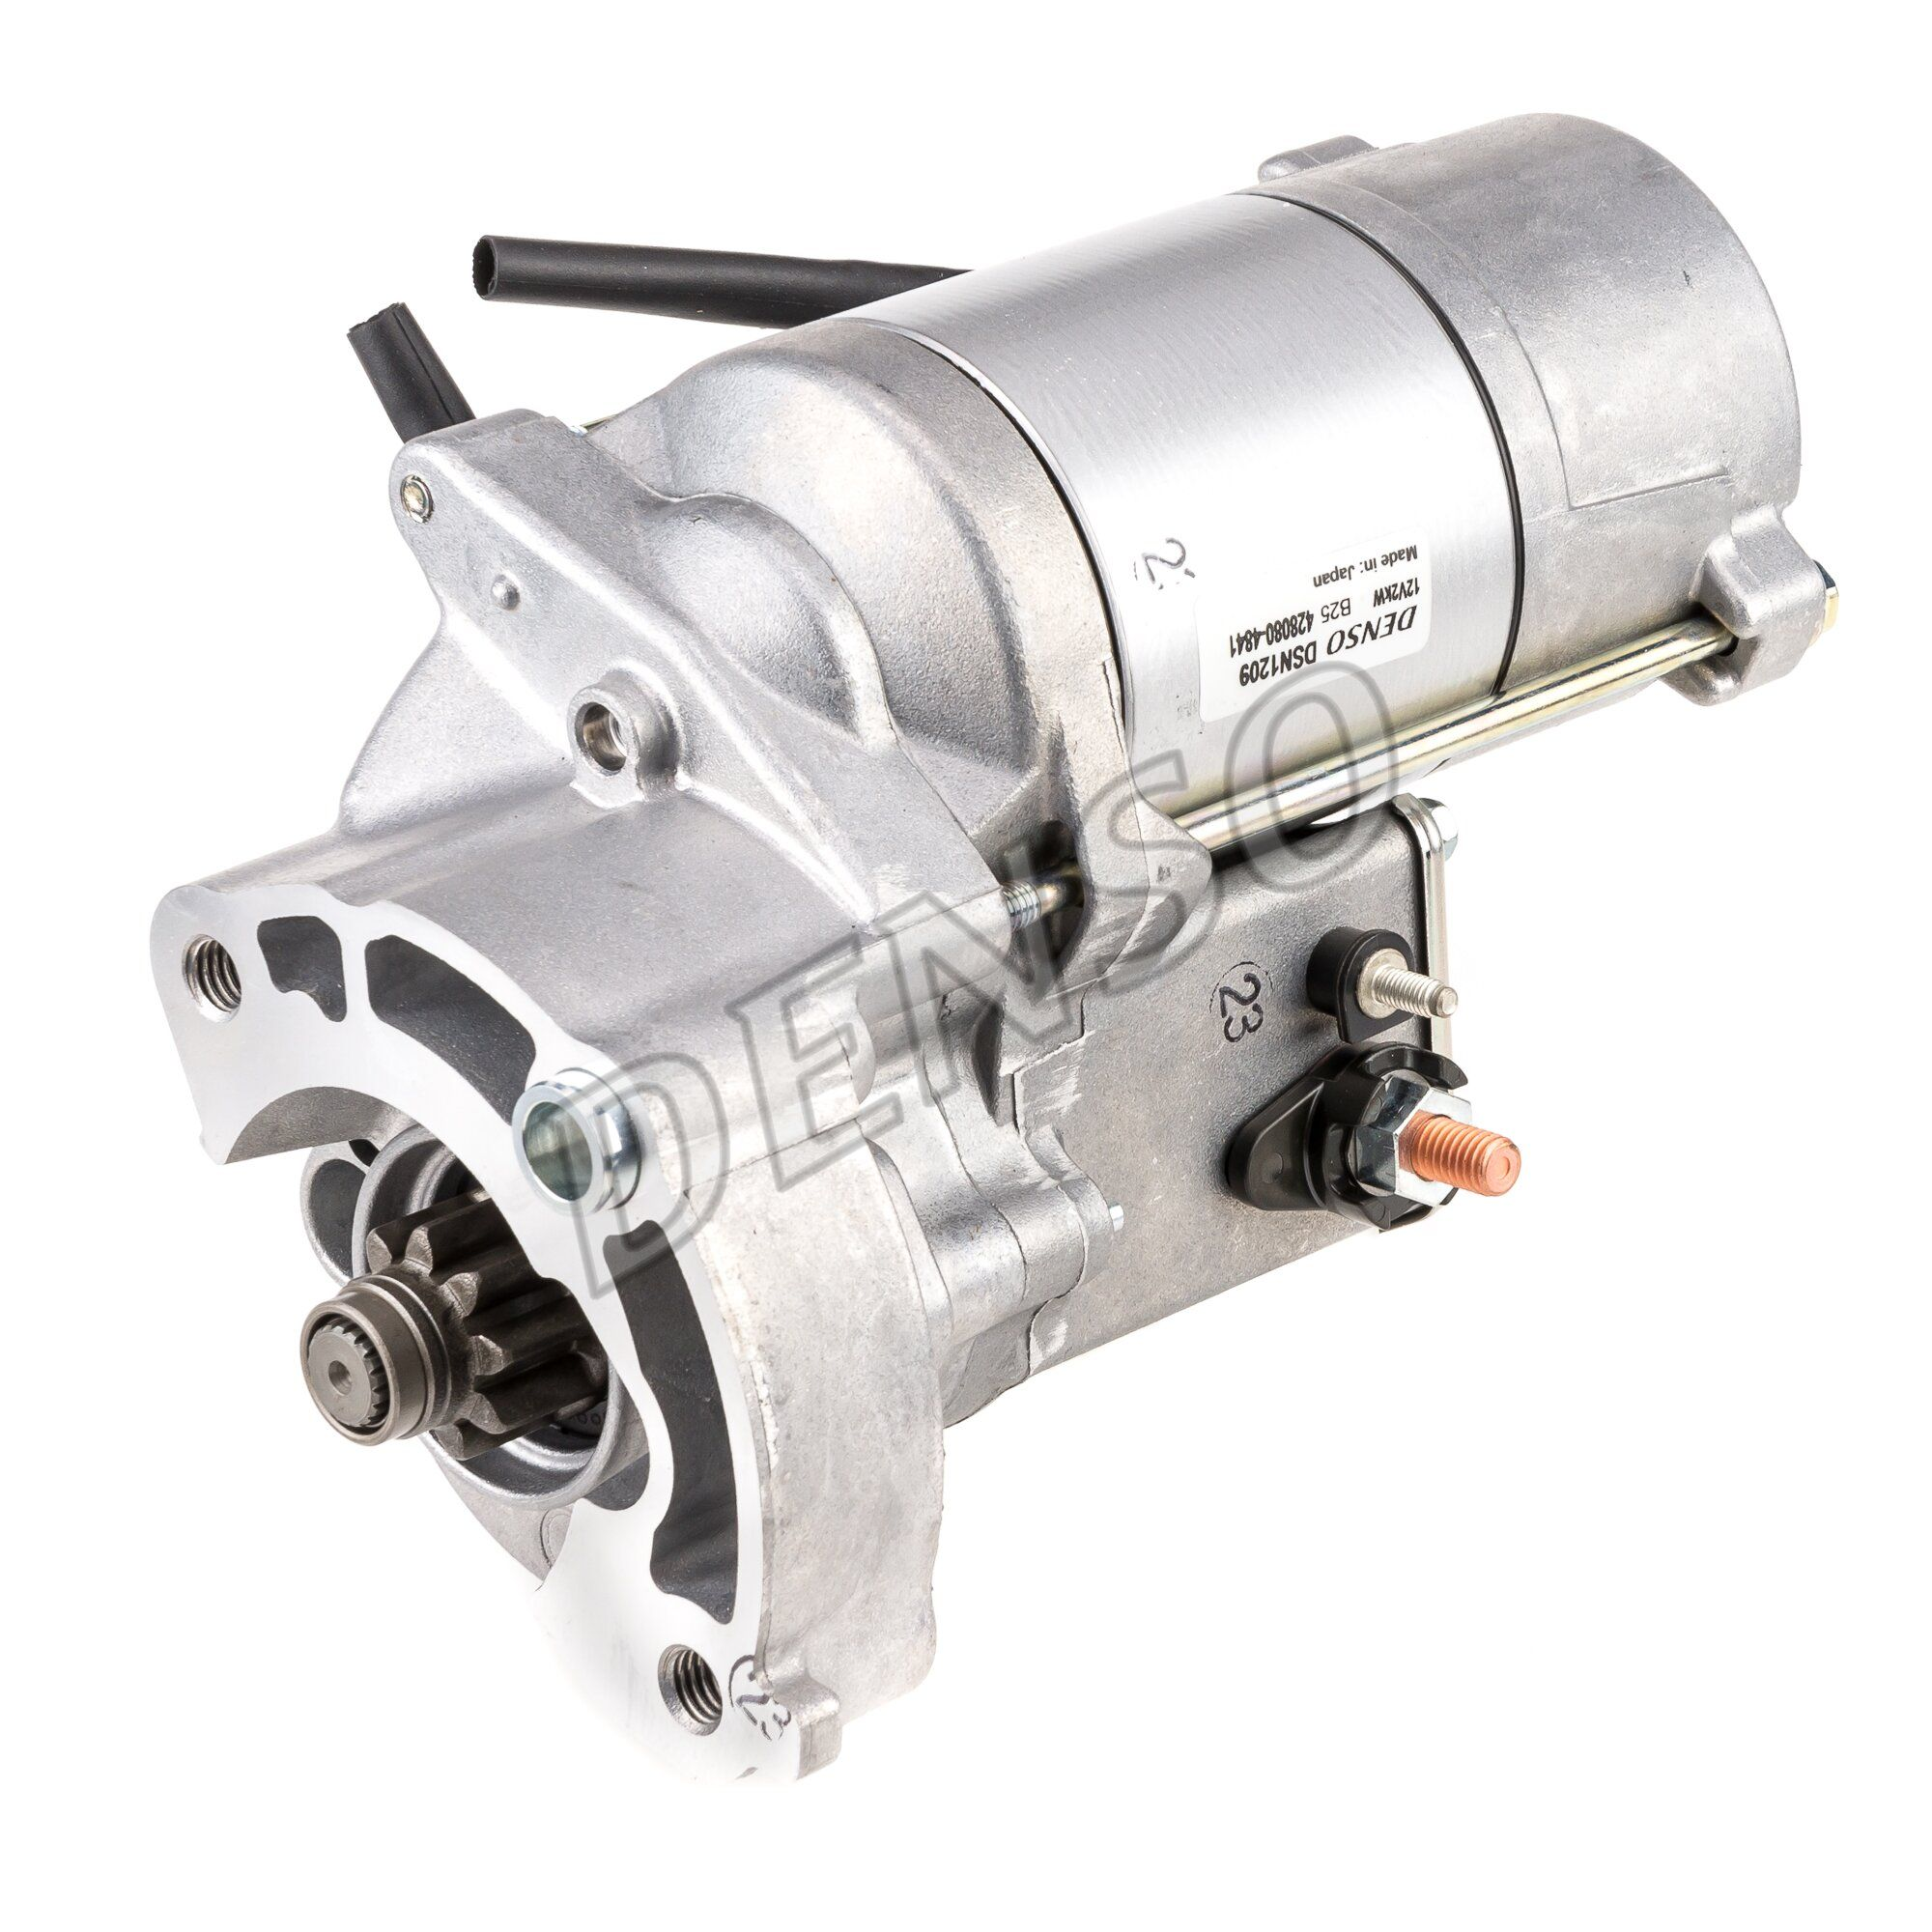 Originali Motorino d'avviamento DSN1209 Carbodies